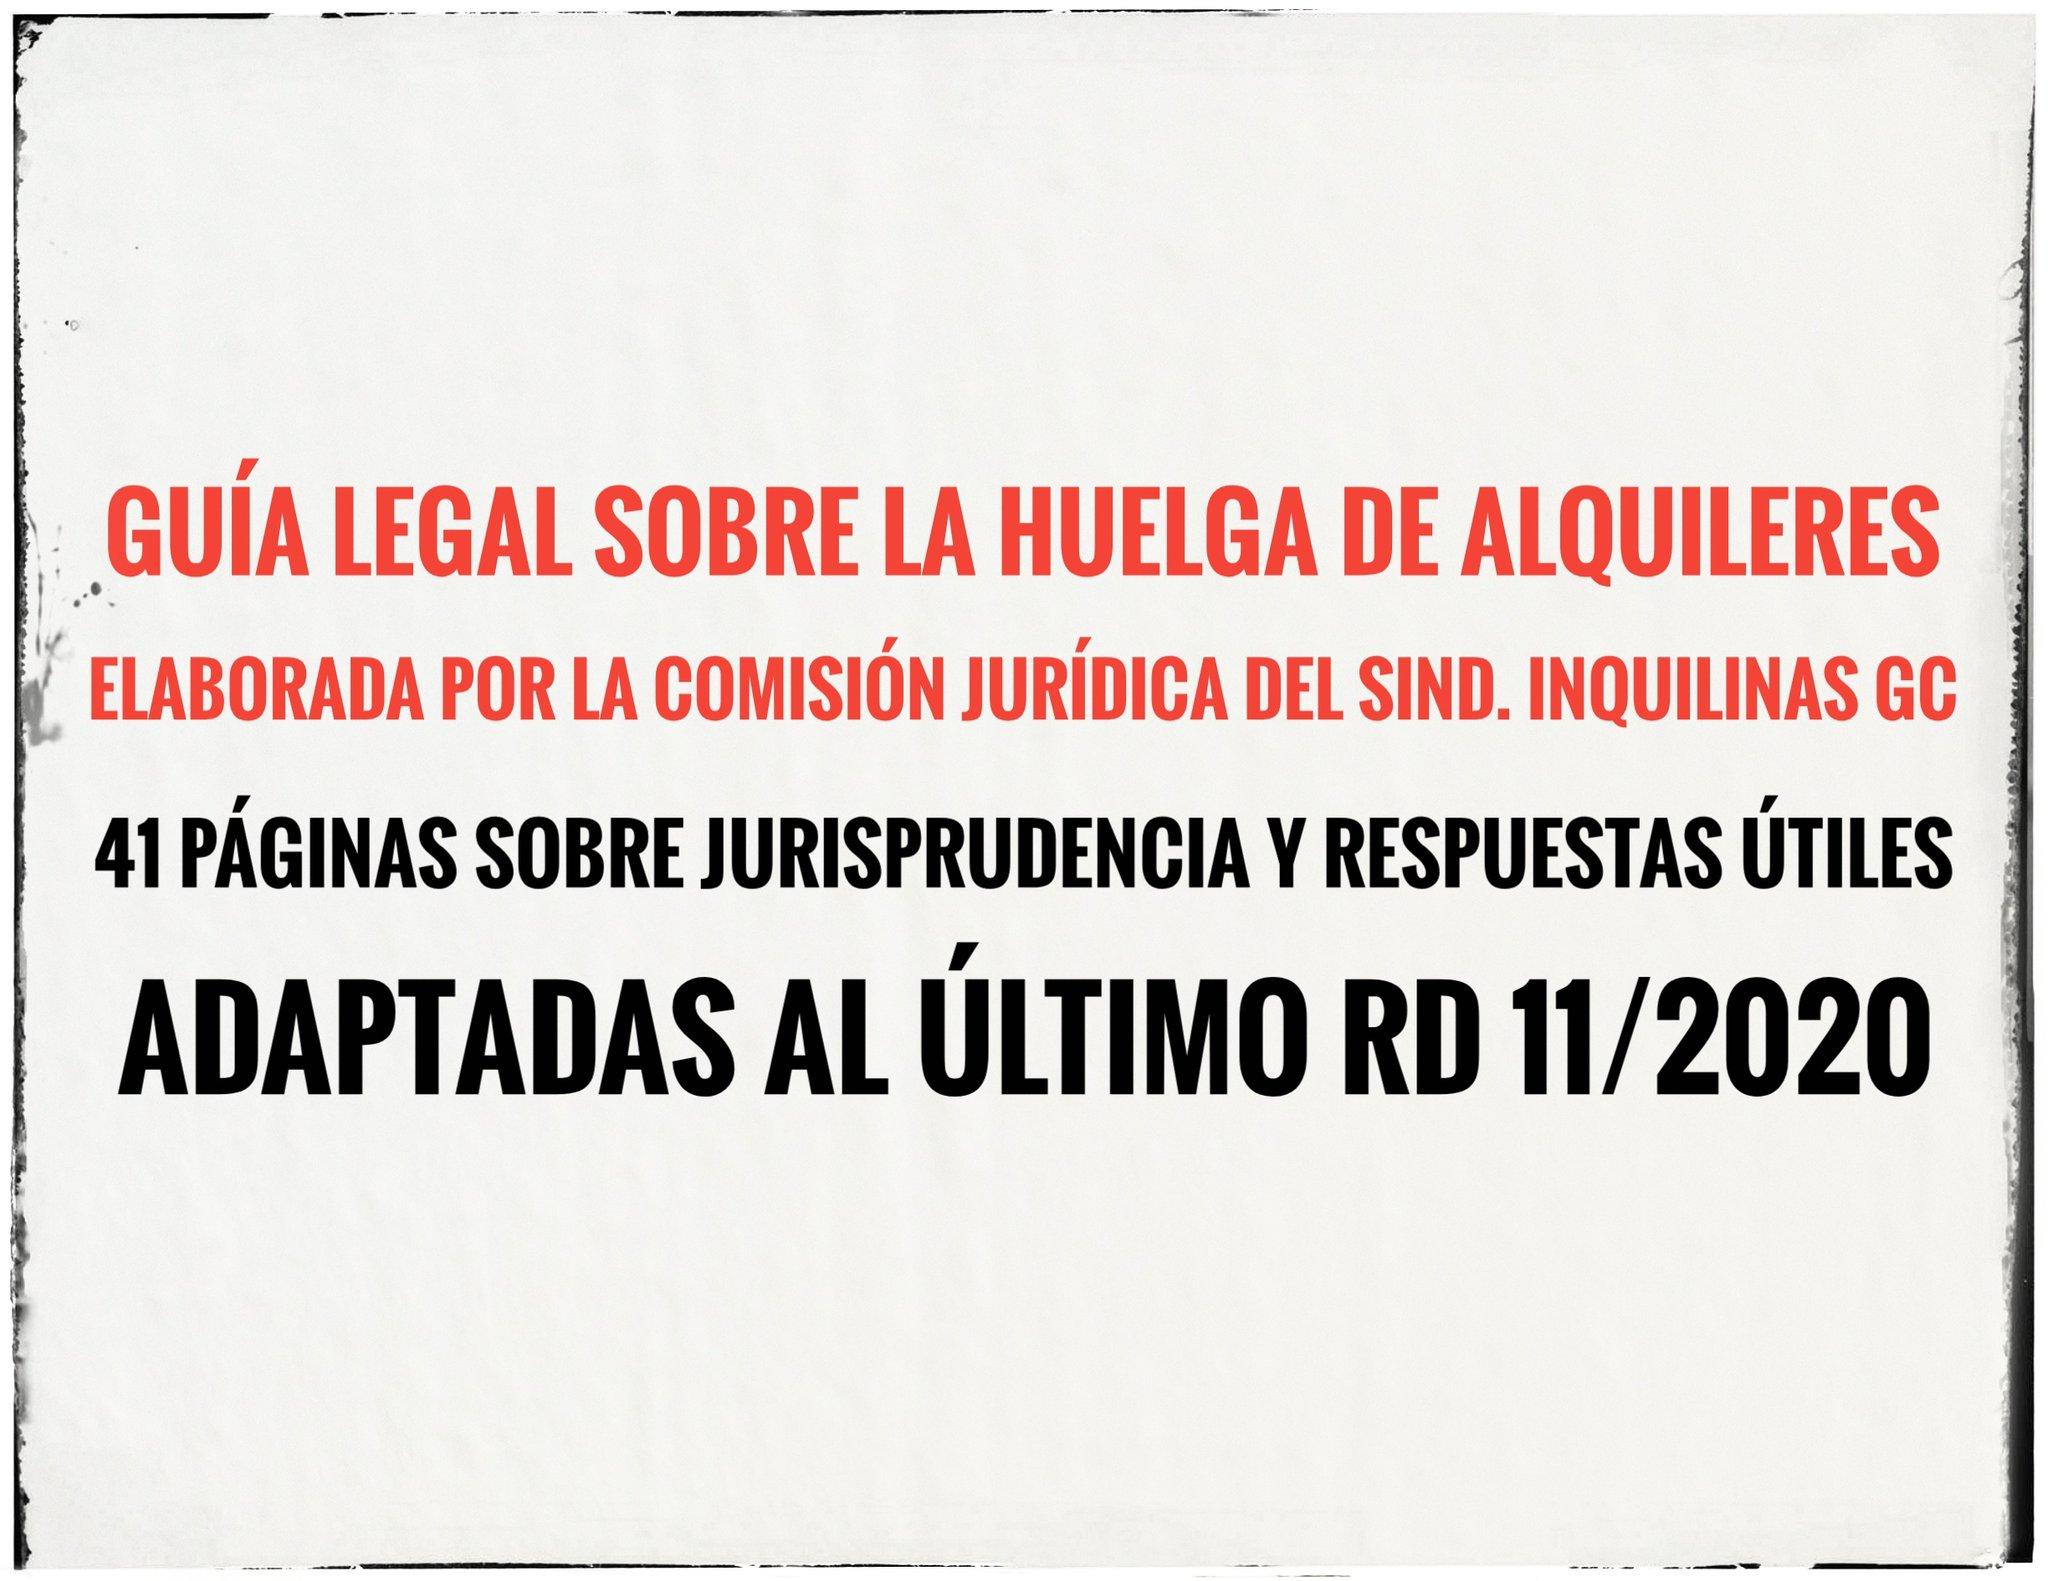 Cartel guía legal sobre la huelga de alquiler